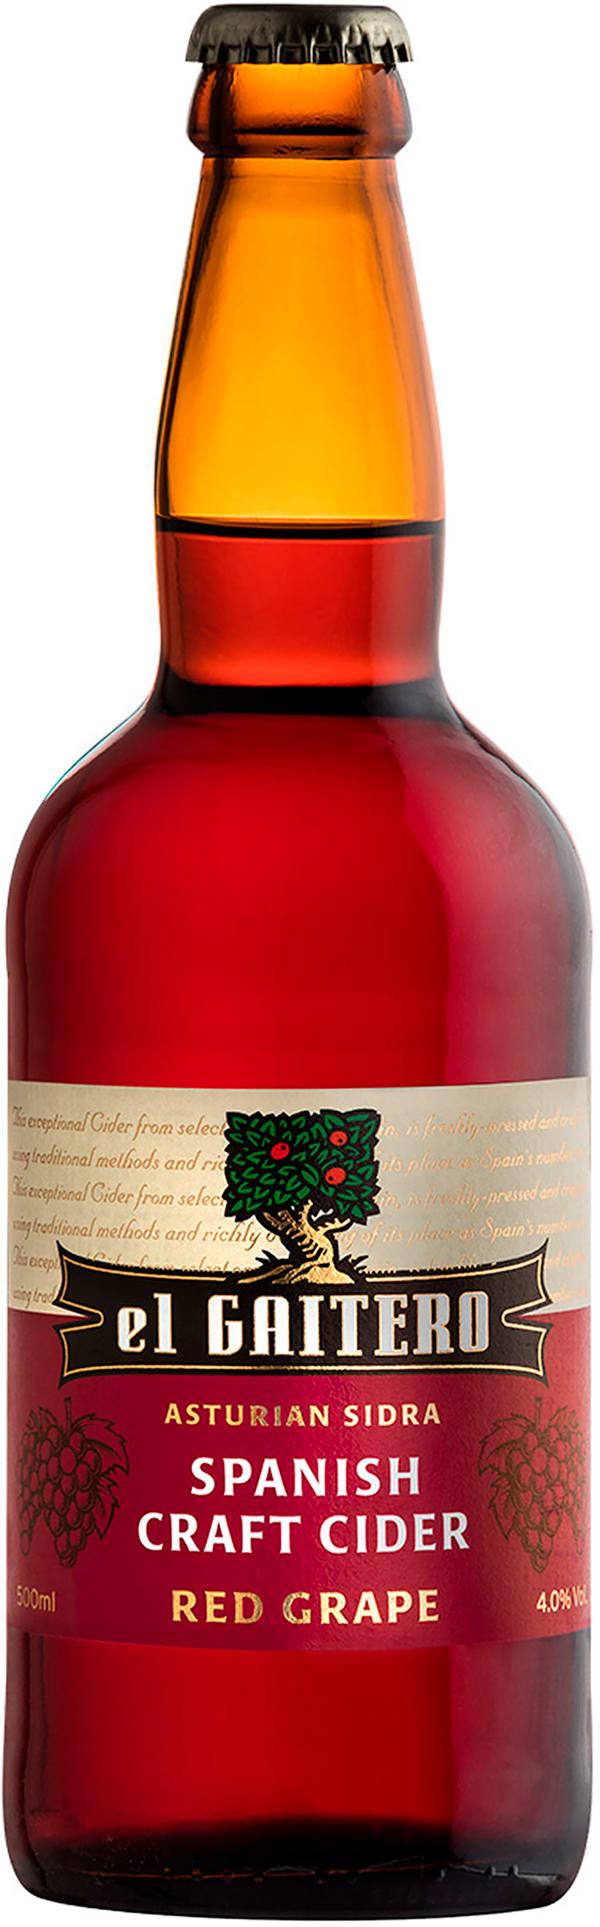 El Gaitero Red Grape Craft Cider